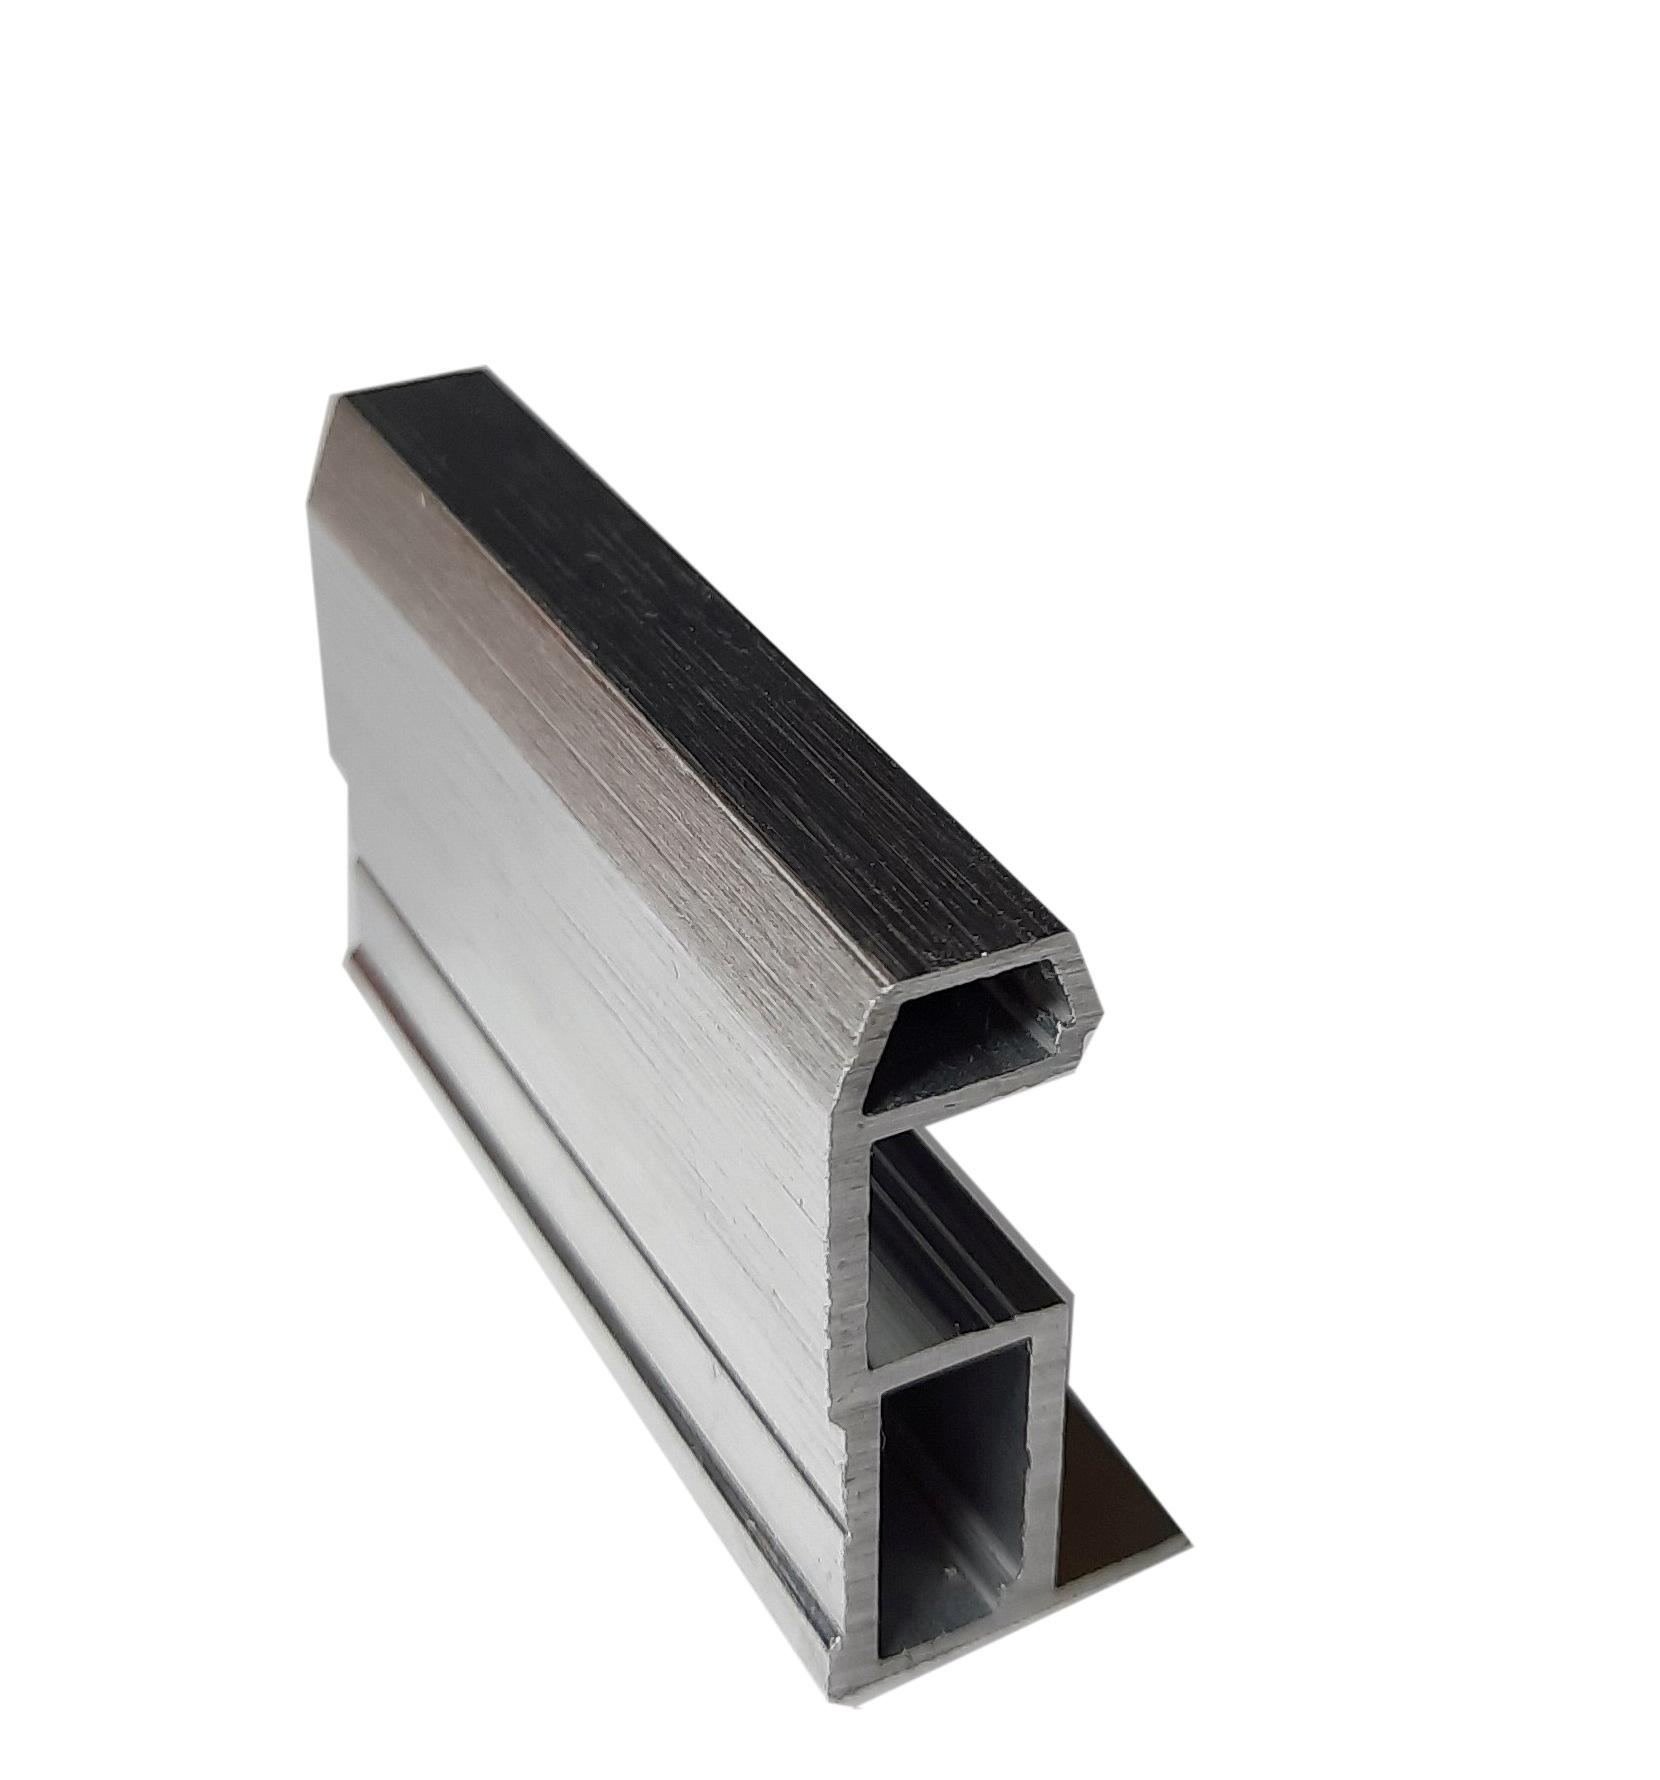 АФ Профиль вертикальный MAGIC-2, BRUSH серебро, 5400мм